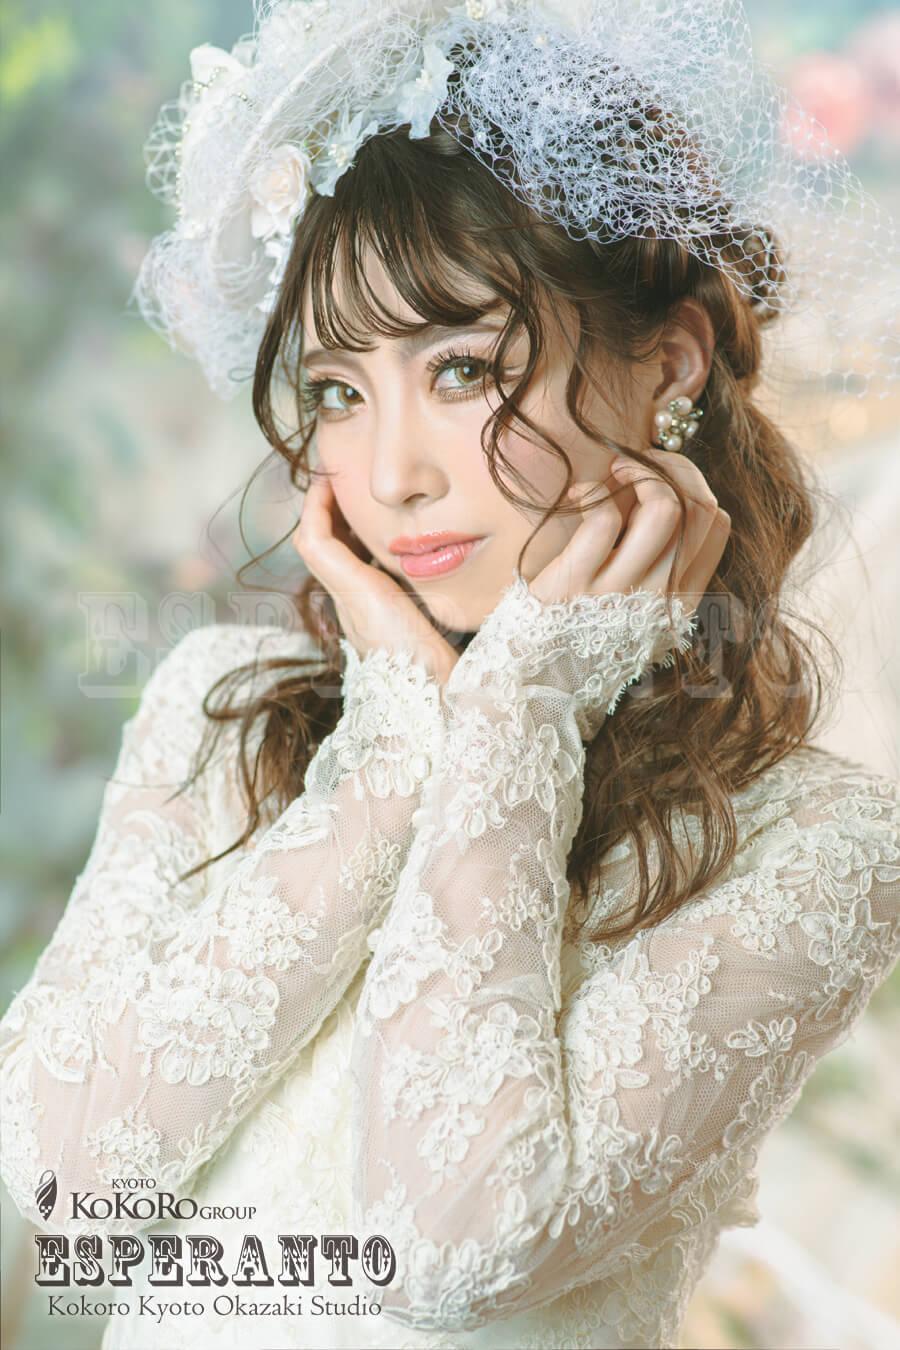 レトロなウェディングドレスでレトロ婚&レトロウェディングフォト